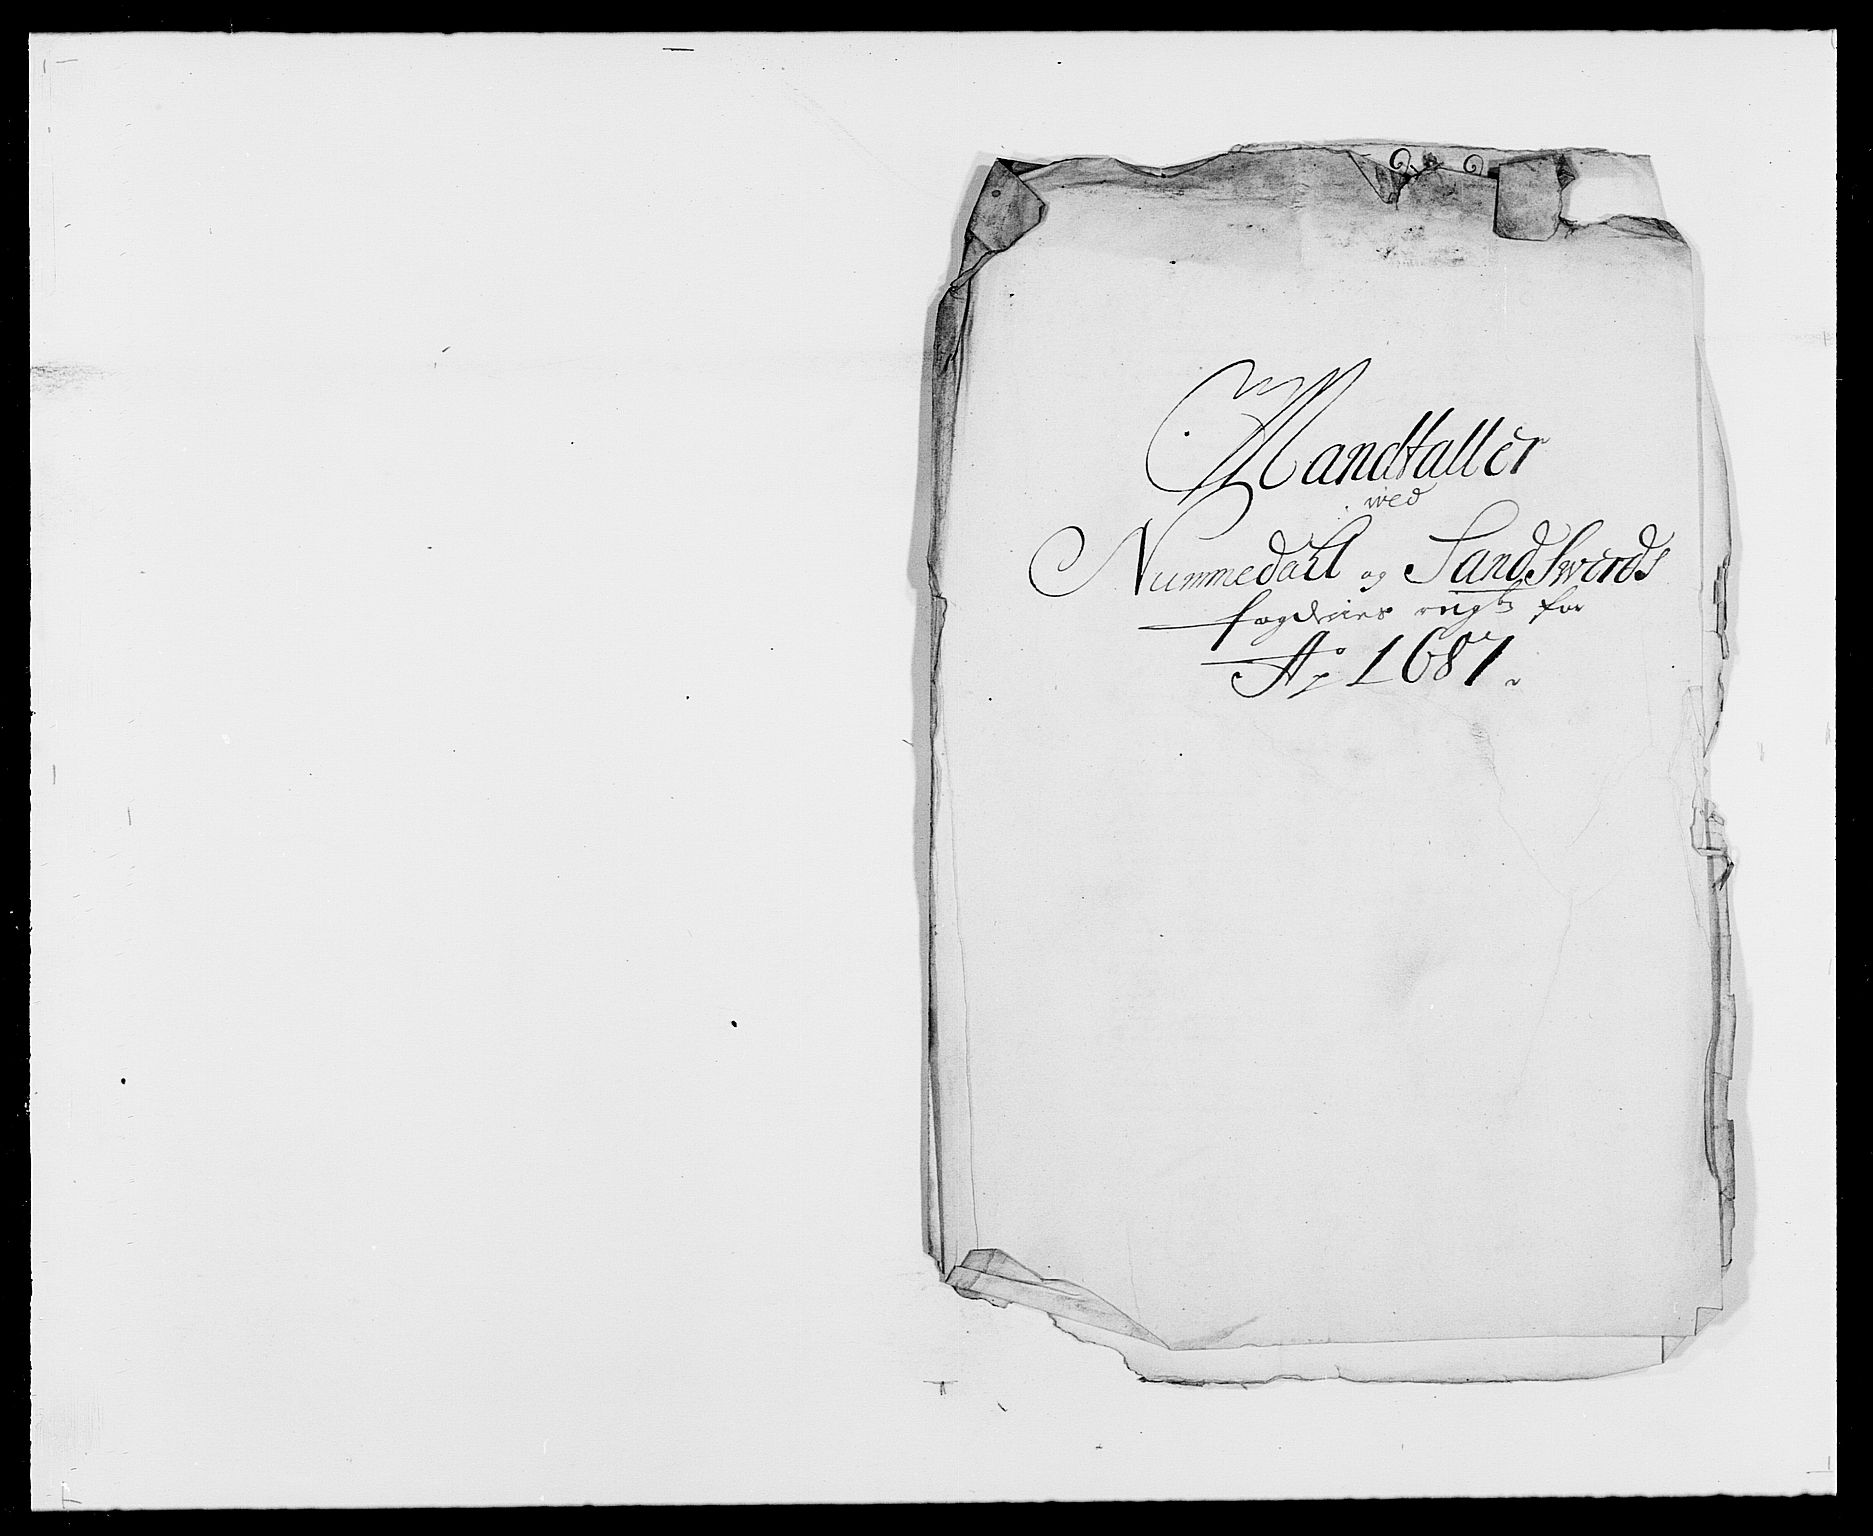 RA, Rentekammeret inntil 1814, Reviderte regnskaper, Fogderegnskap, R24/L1573: Fogderegnskap Numedal og Sandsvær, 1687-1691, s. 7